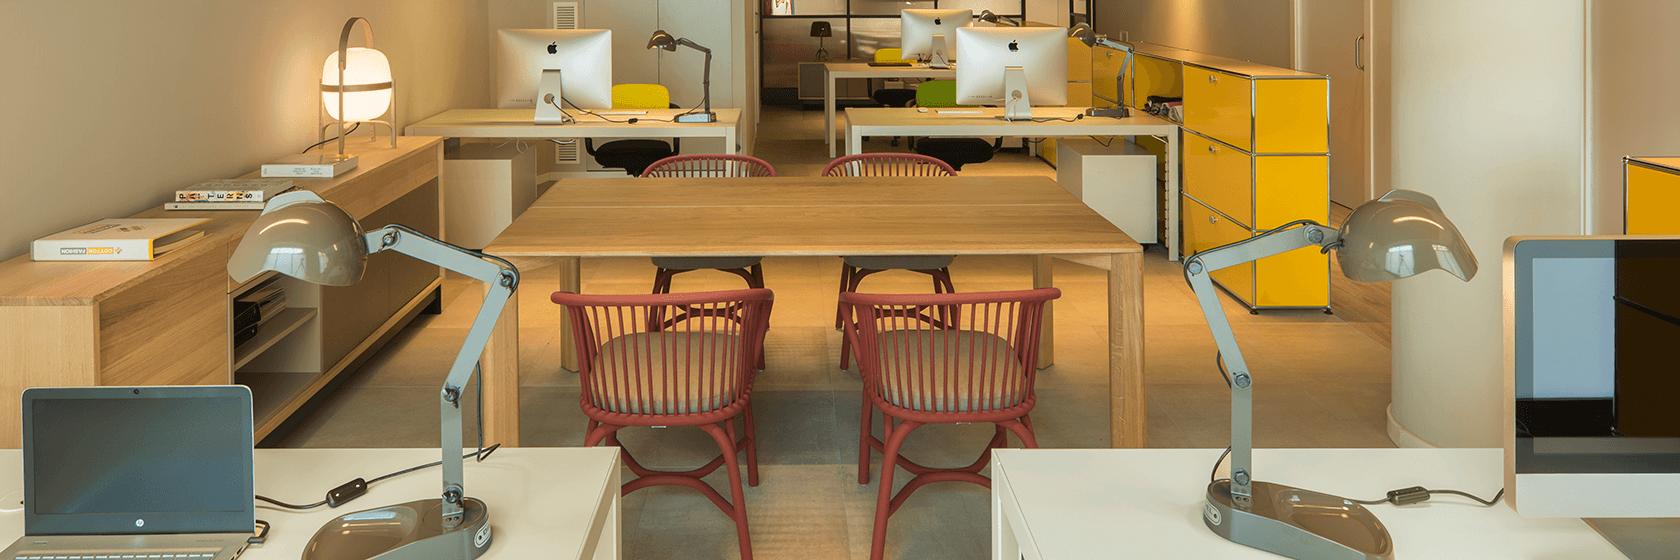 ¿Qué debemos saber para diseñar oficinas? | The Room Studio